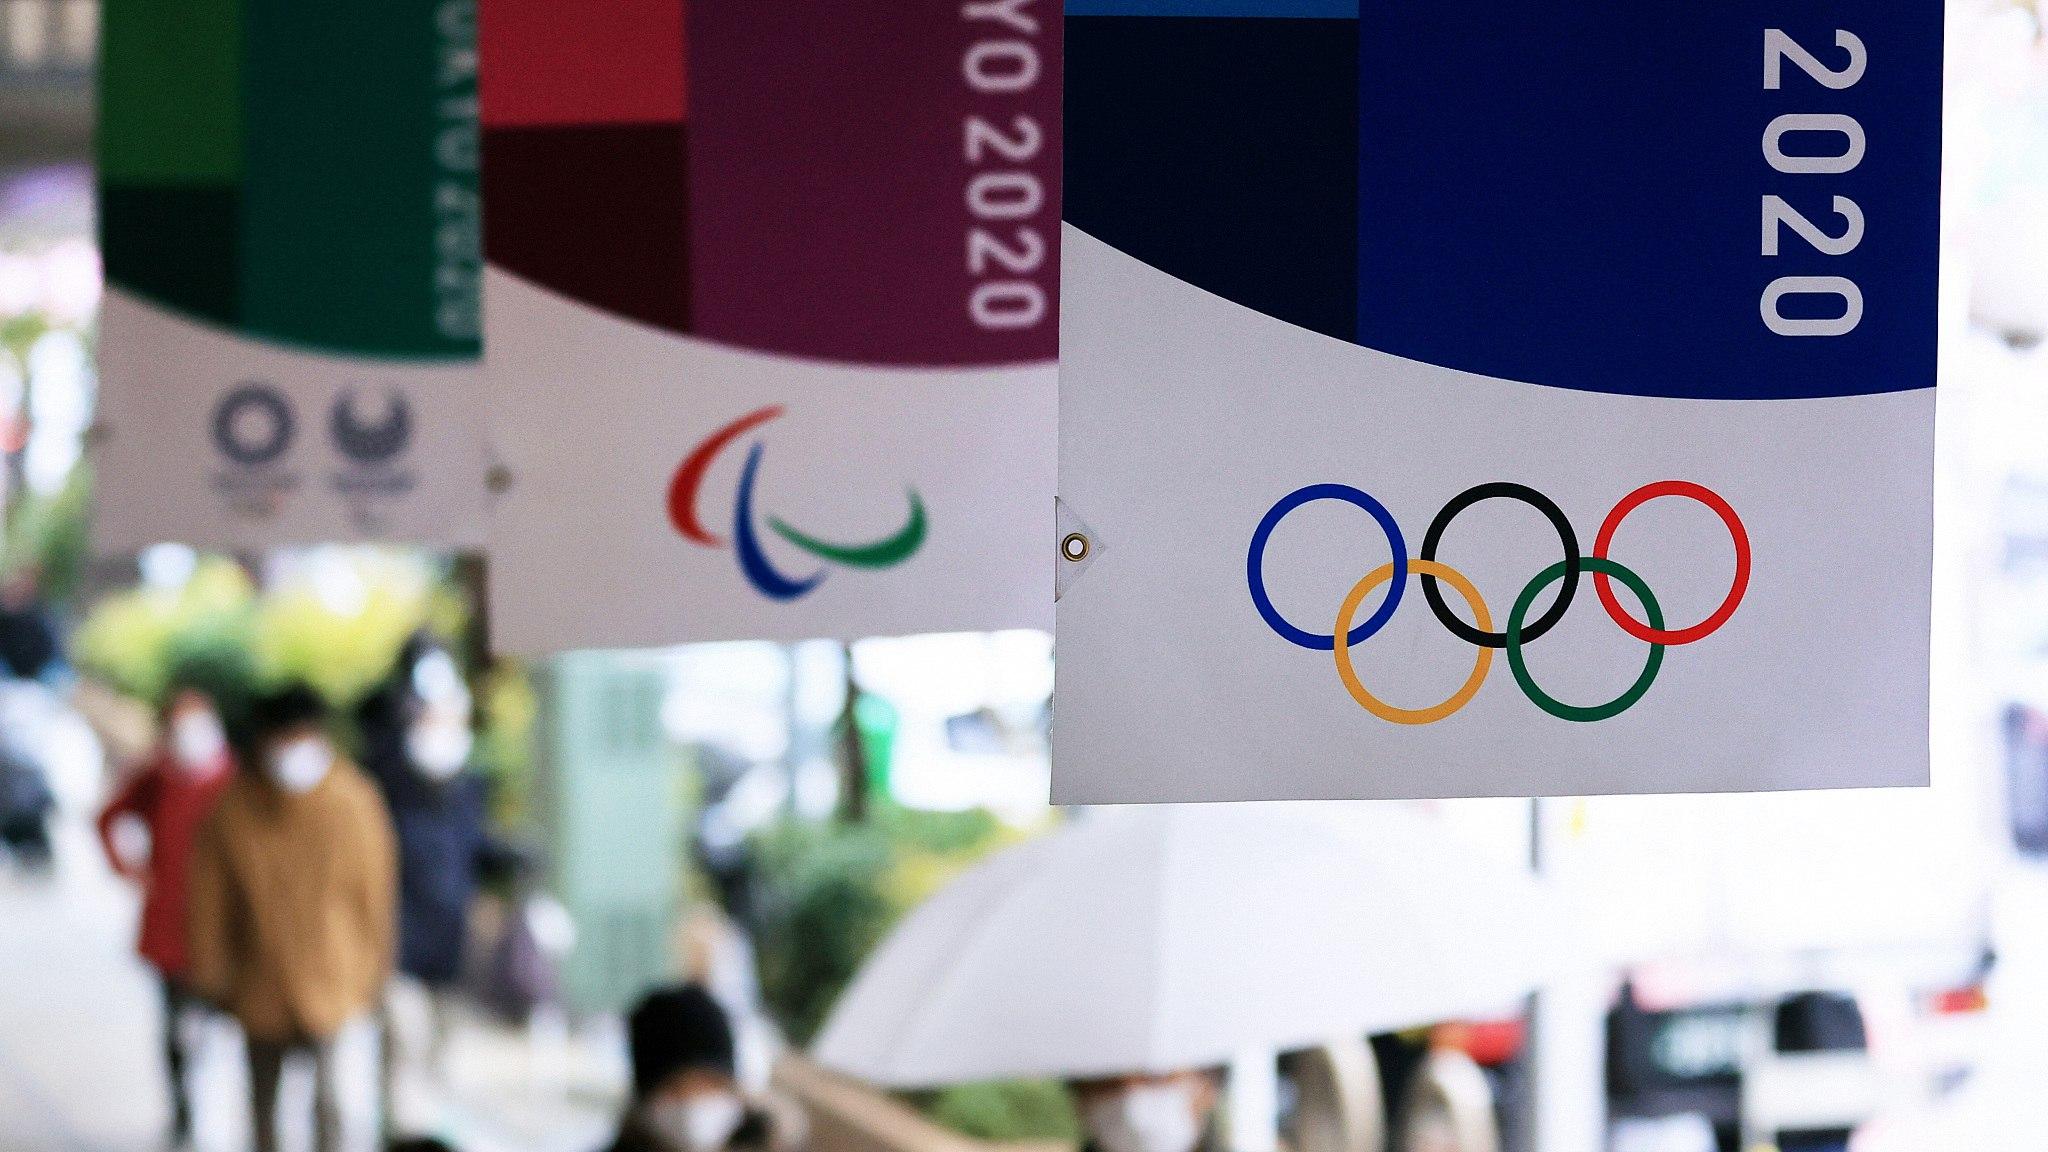 Олімпійська та паралімпійська кваліфікації стартують не раніше травня 2021 року